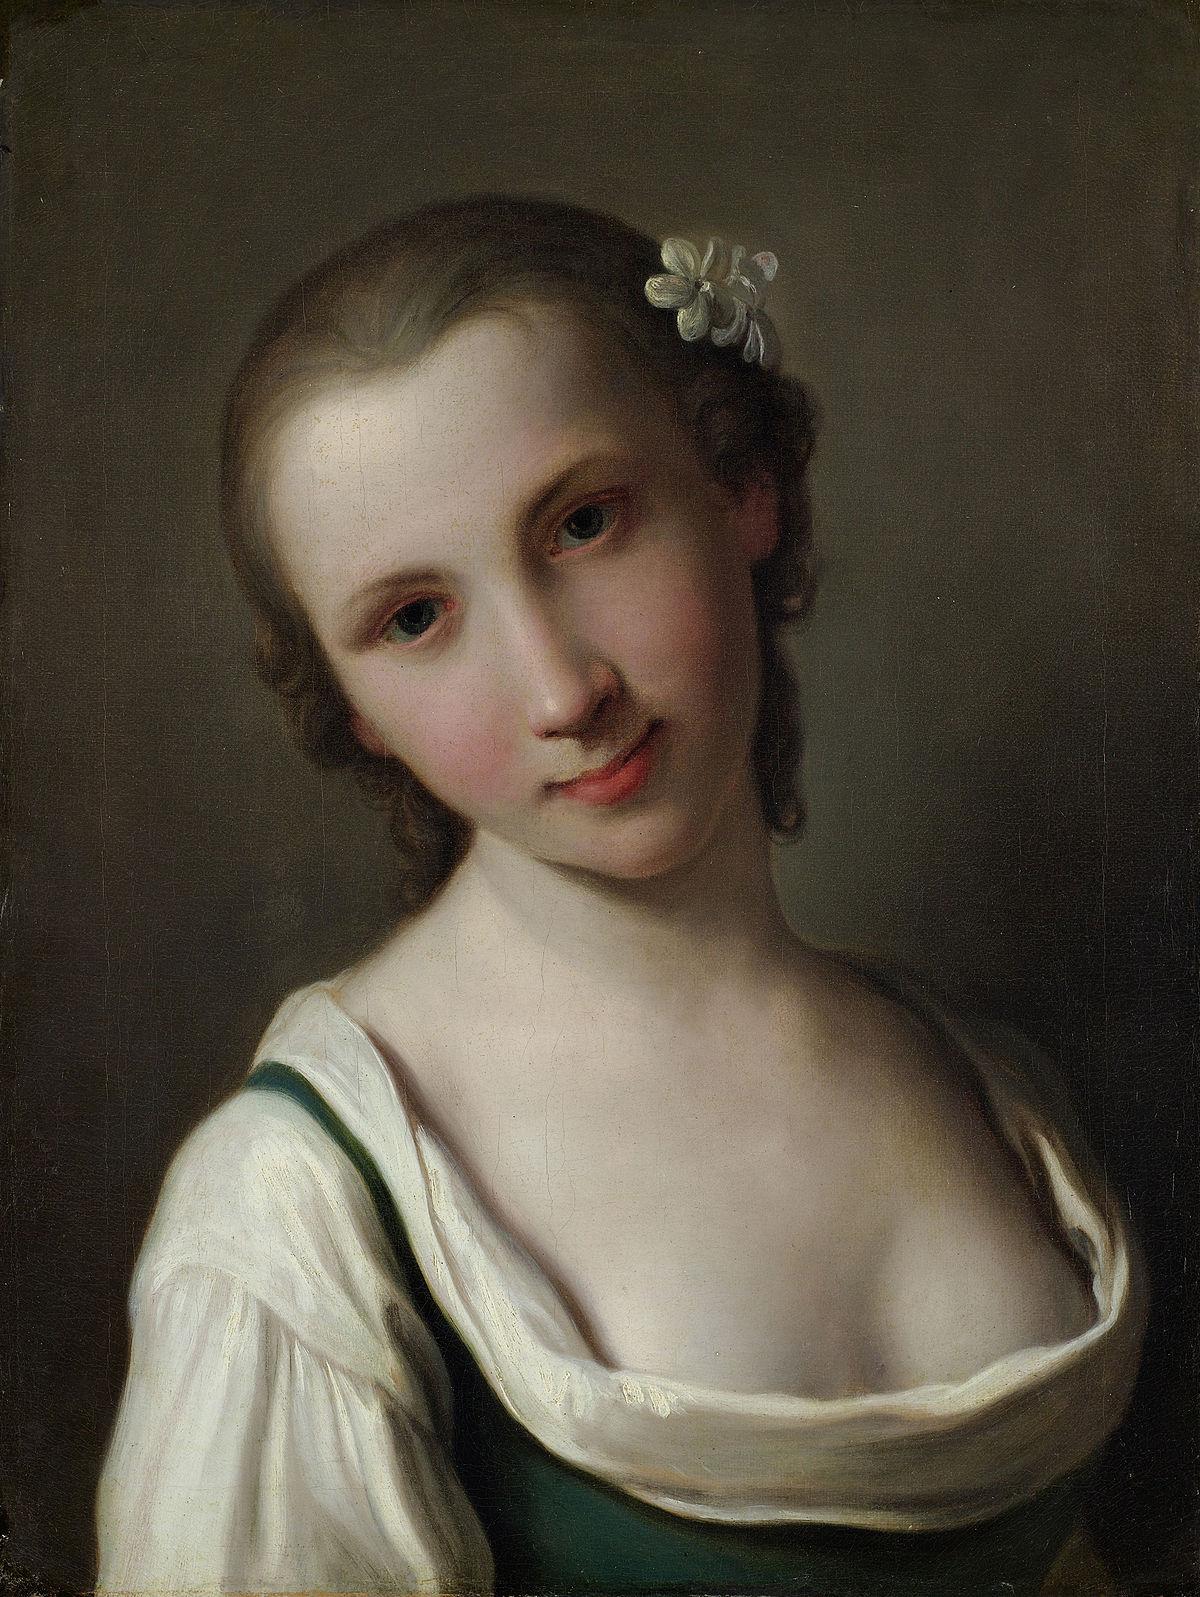 http://upload.wikimedia.org/wikipedia/commons/thumb/2/2c/Pietro_Antonio_Rotari_-_Een_jonge_vrouw.jpg/1200px-Pietro_Antonio_Rotari_-_Een_jonge_vrouw.jpg